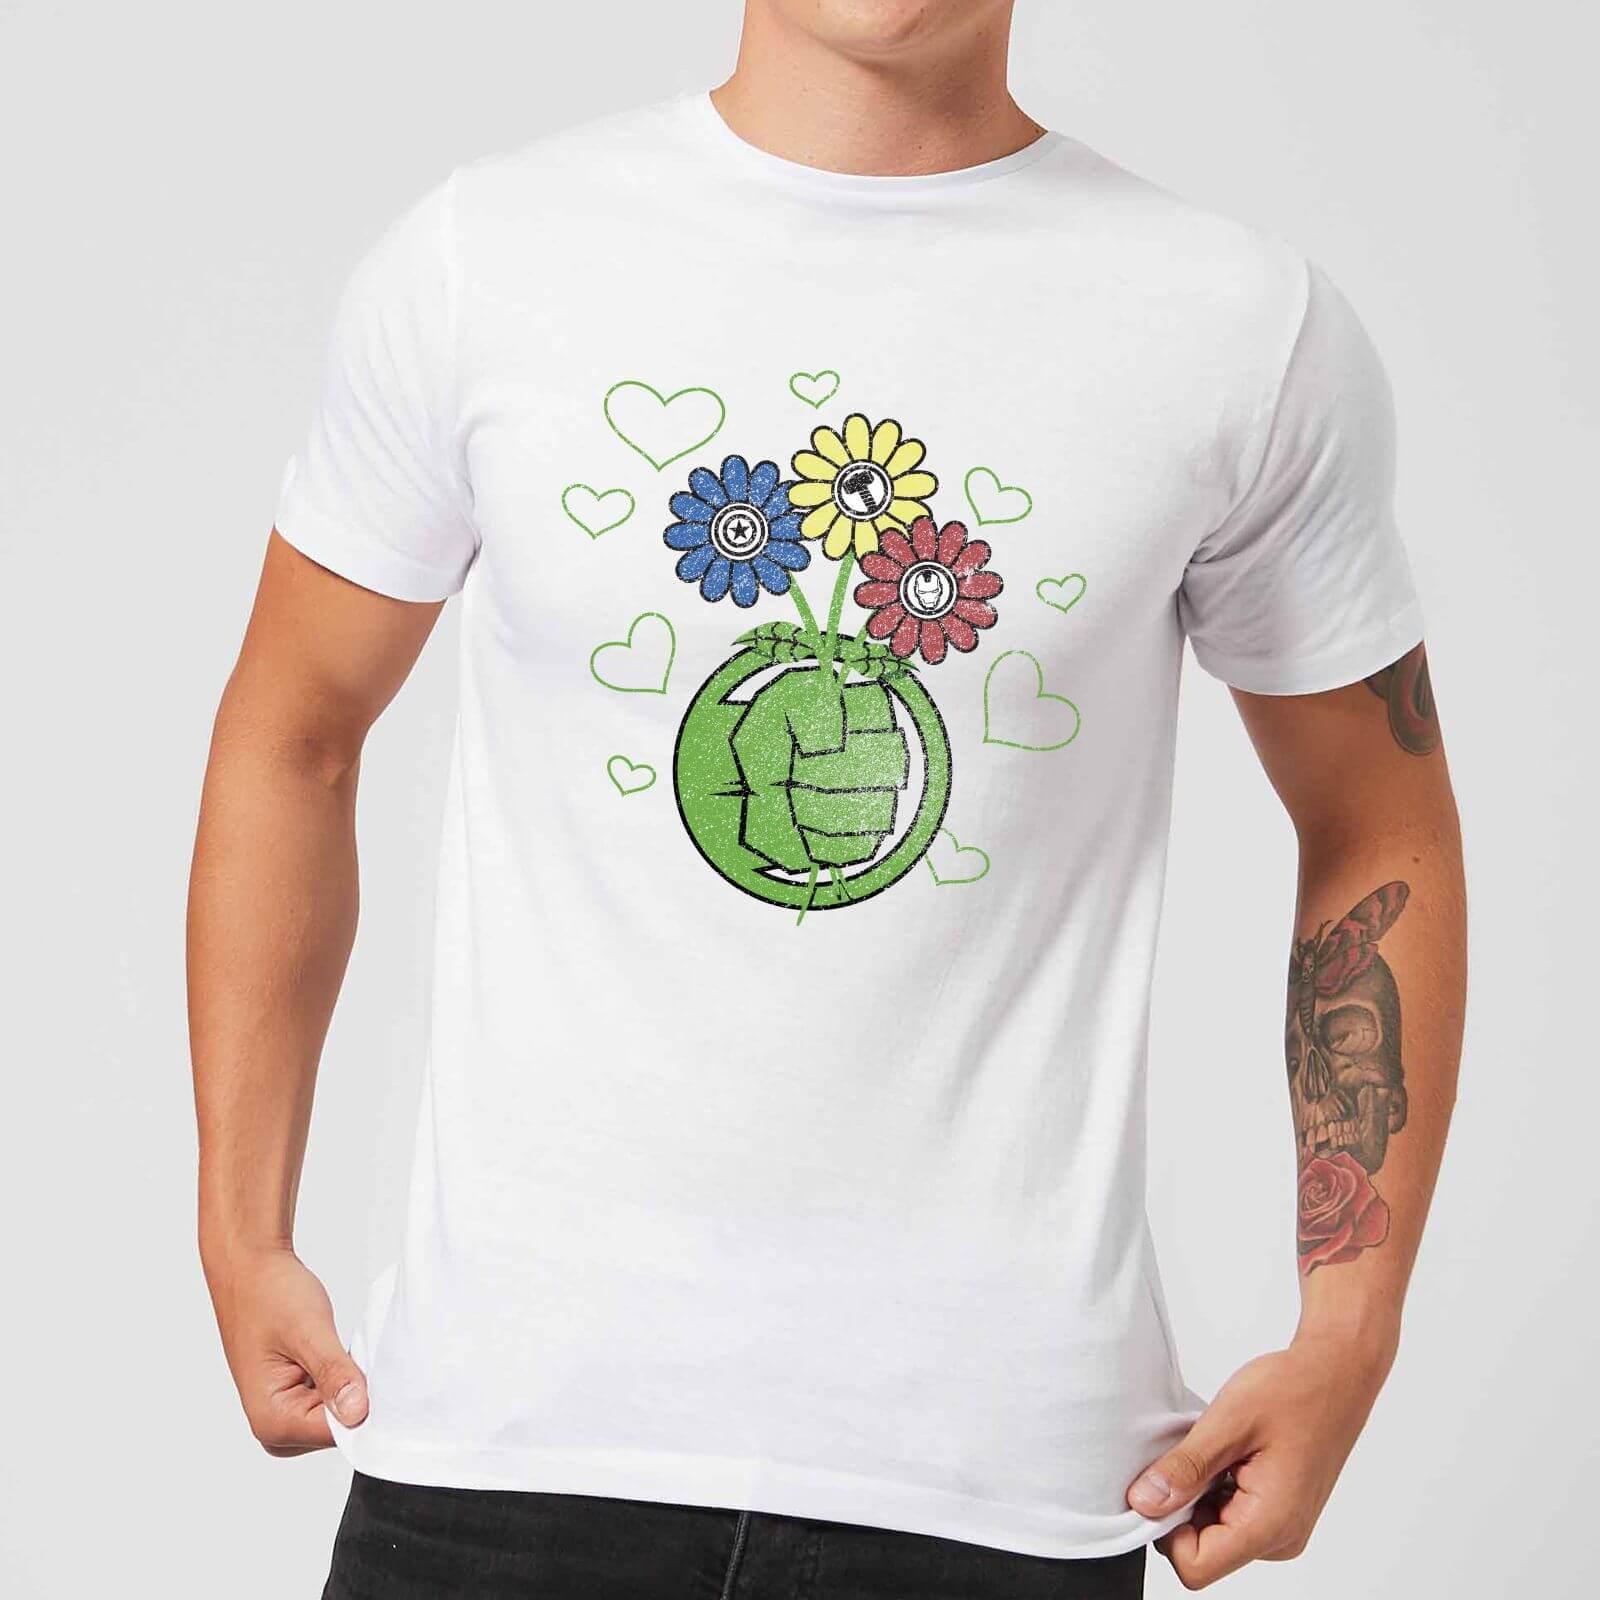 Marvel Avengers Hulk Flower Fist T-Shirt - White - 4XL - White